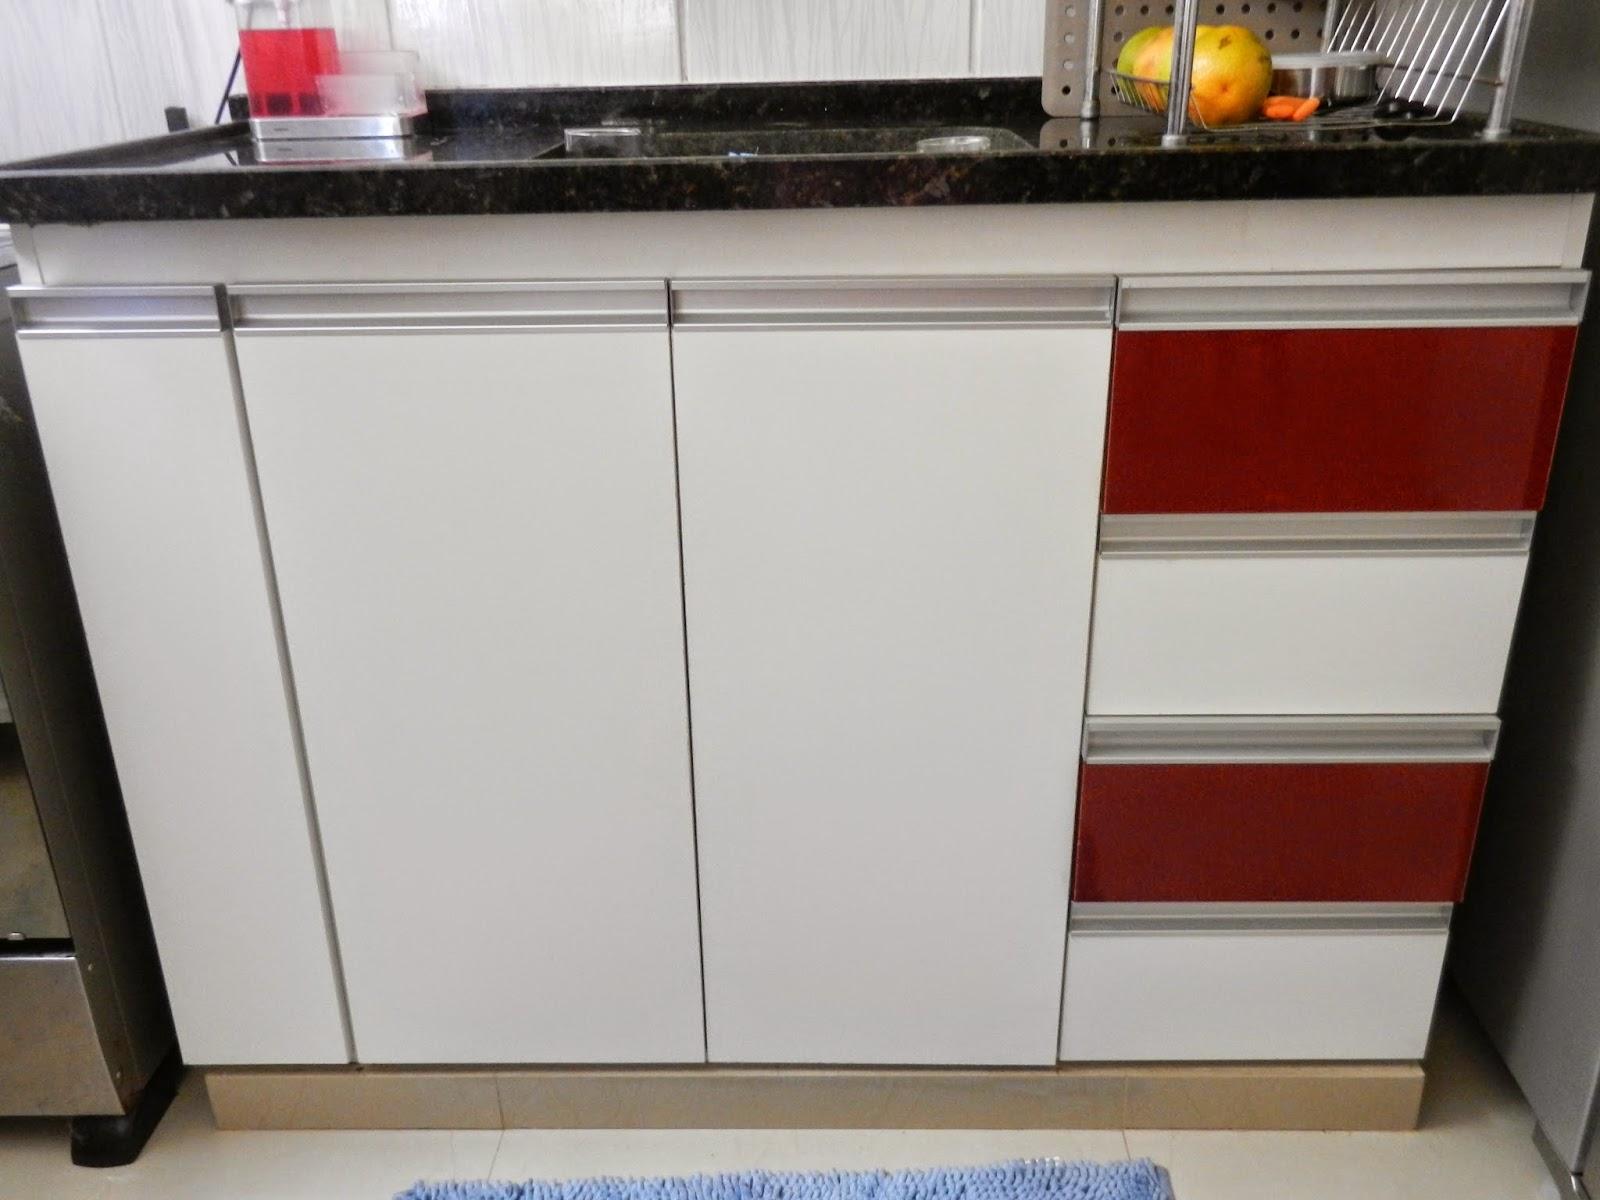 Another Image For Cozinha estreita Projetos de cozinha Decoração #BB7410 1600 1200